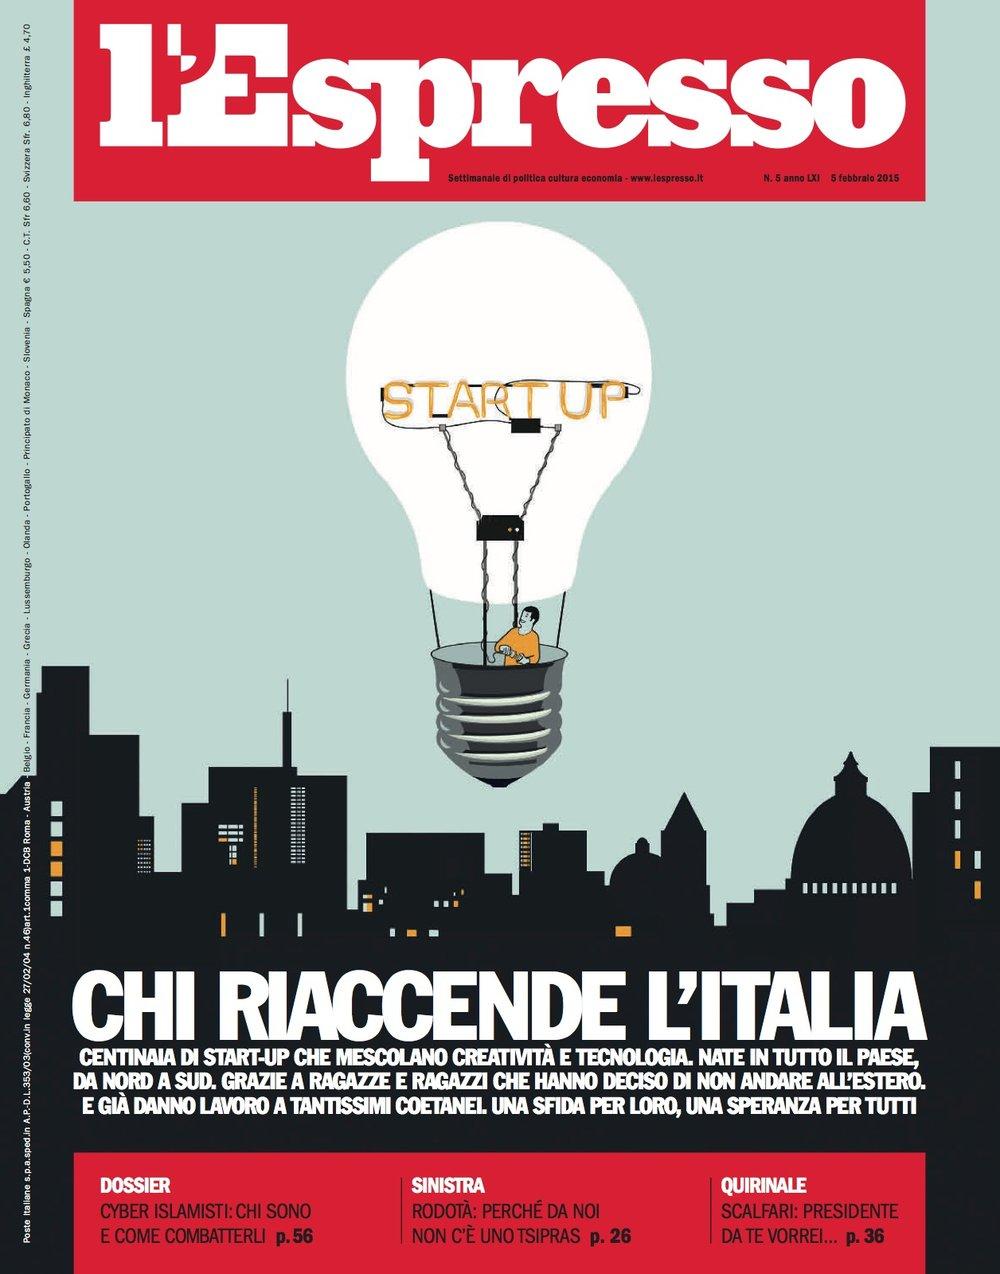 Espresso copertina.jpg